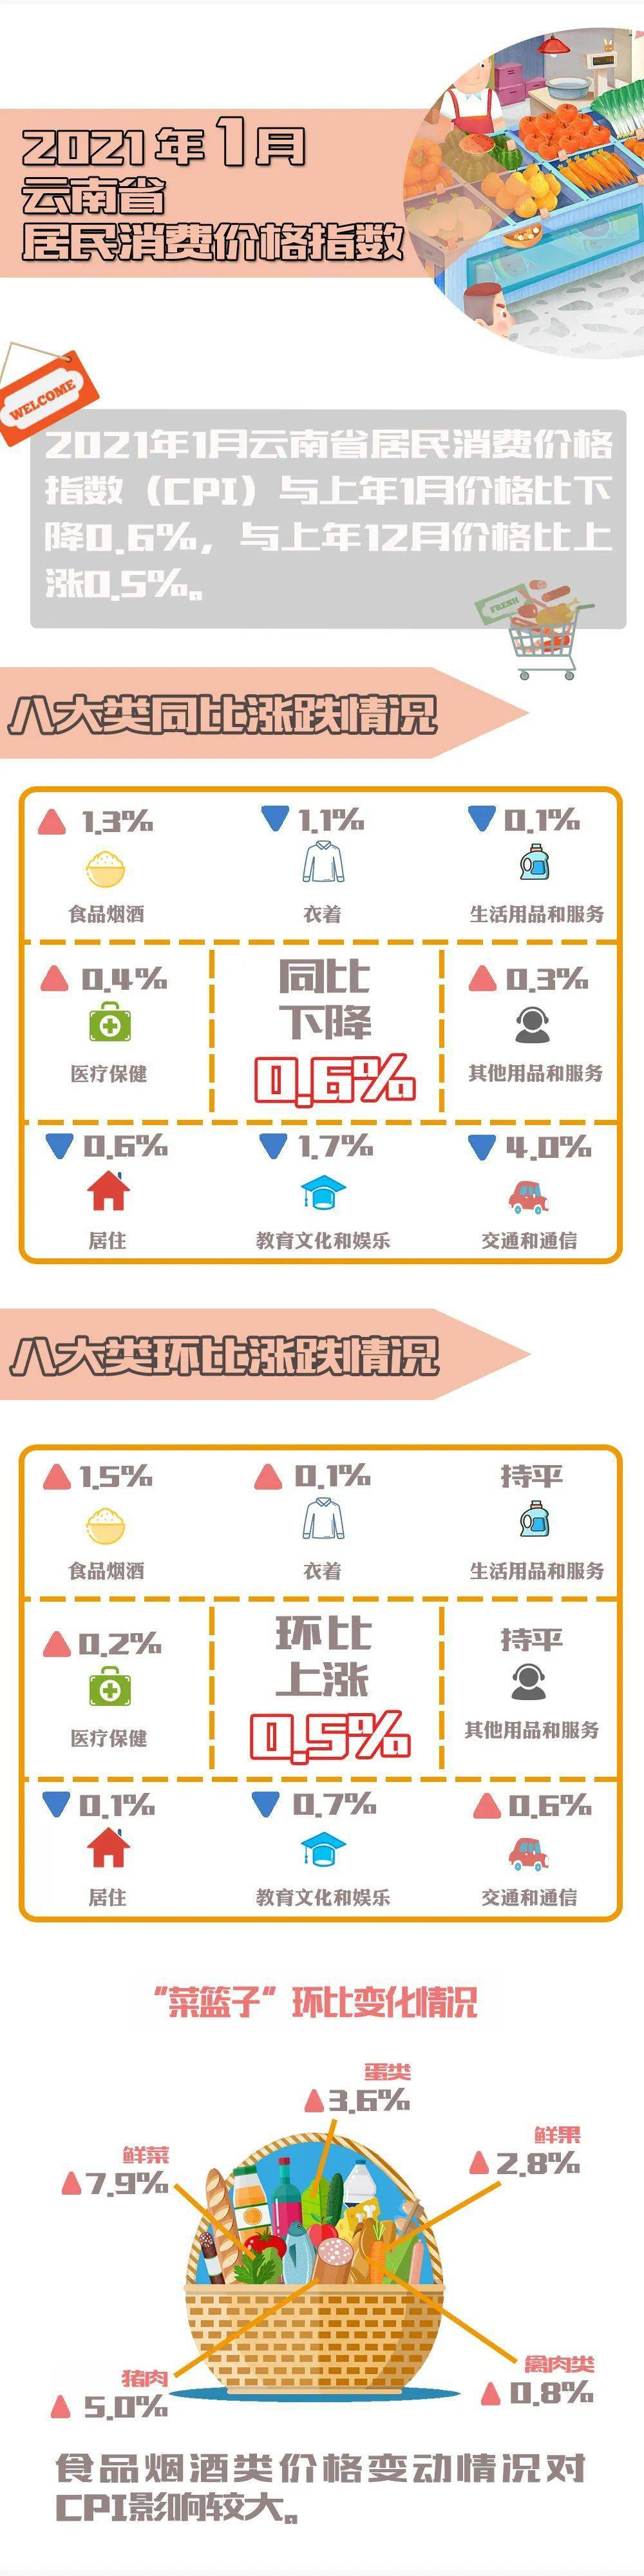 1月份,云南省居民消费价格指数同比下降0.6%